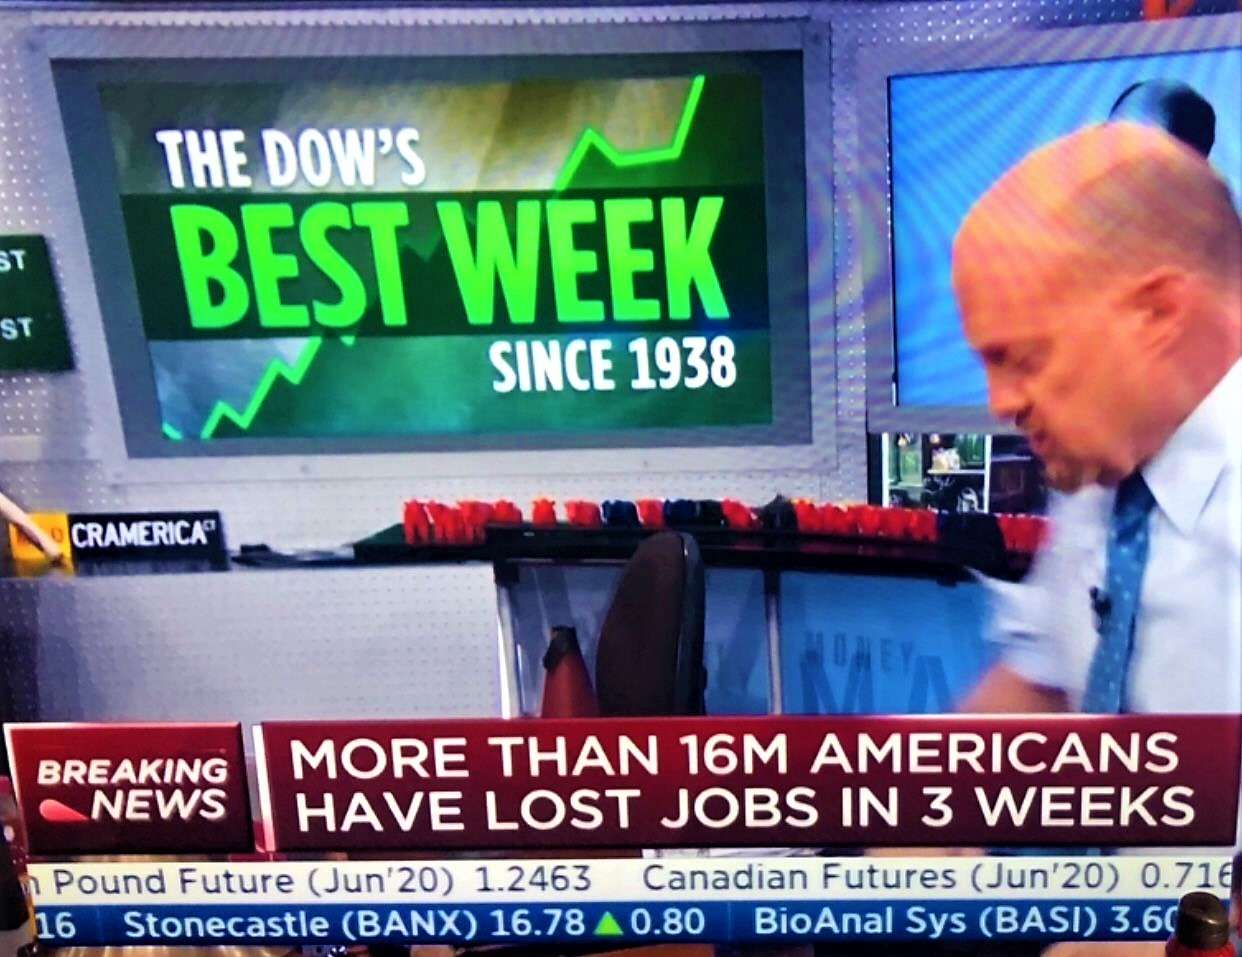 Η αγορά δε θέλει να ακούσει καλά νέα...